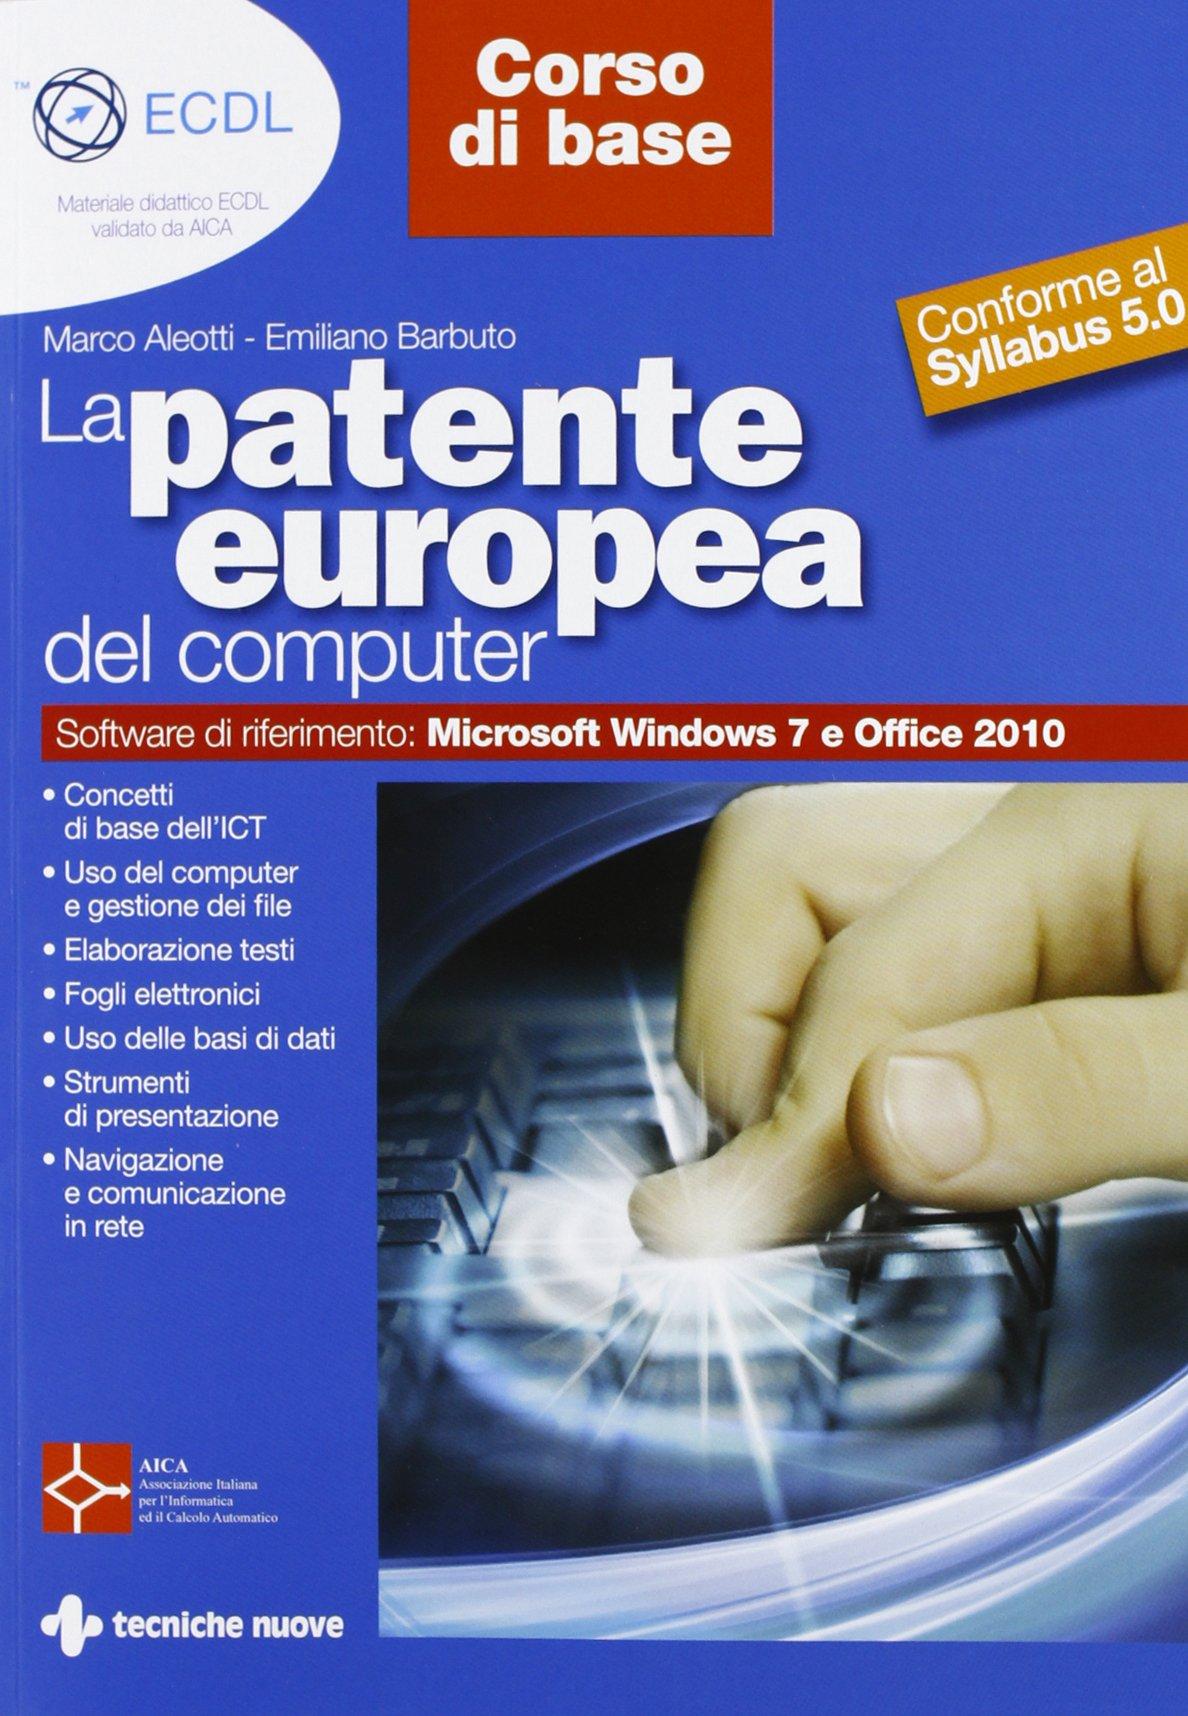 La patente europea del computer. Core level-corso base. Conforme al Syllabus 5.0 Copertina flessibile – 24 apr 2013 Marco Aleotti Emiliano Barbuto Tecniche Nuove 8848127258